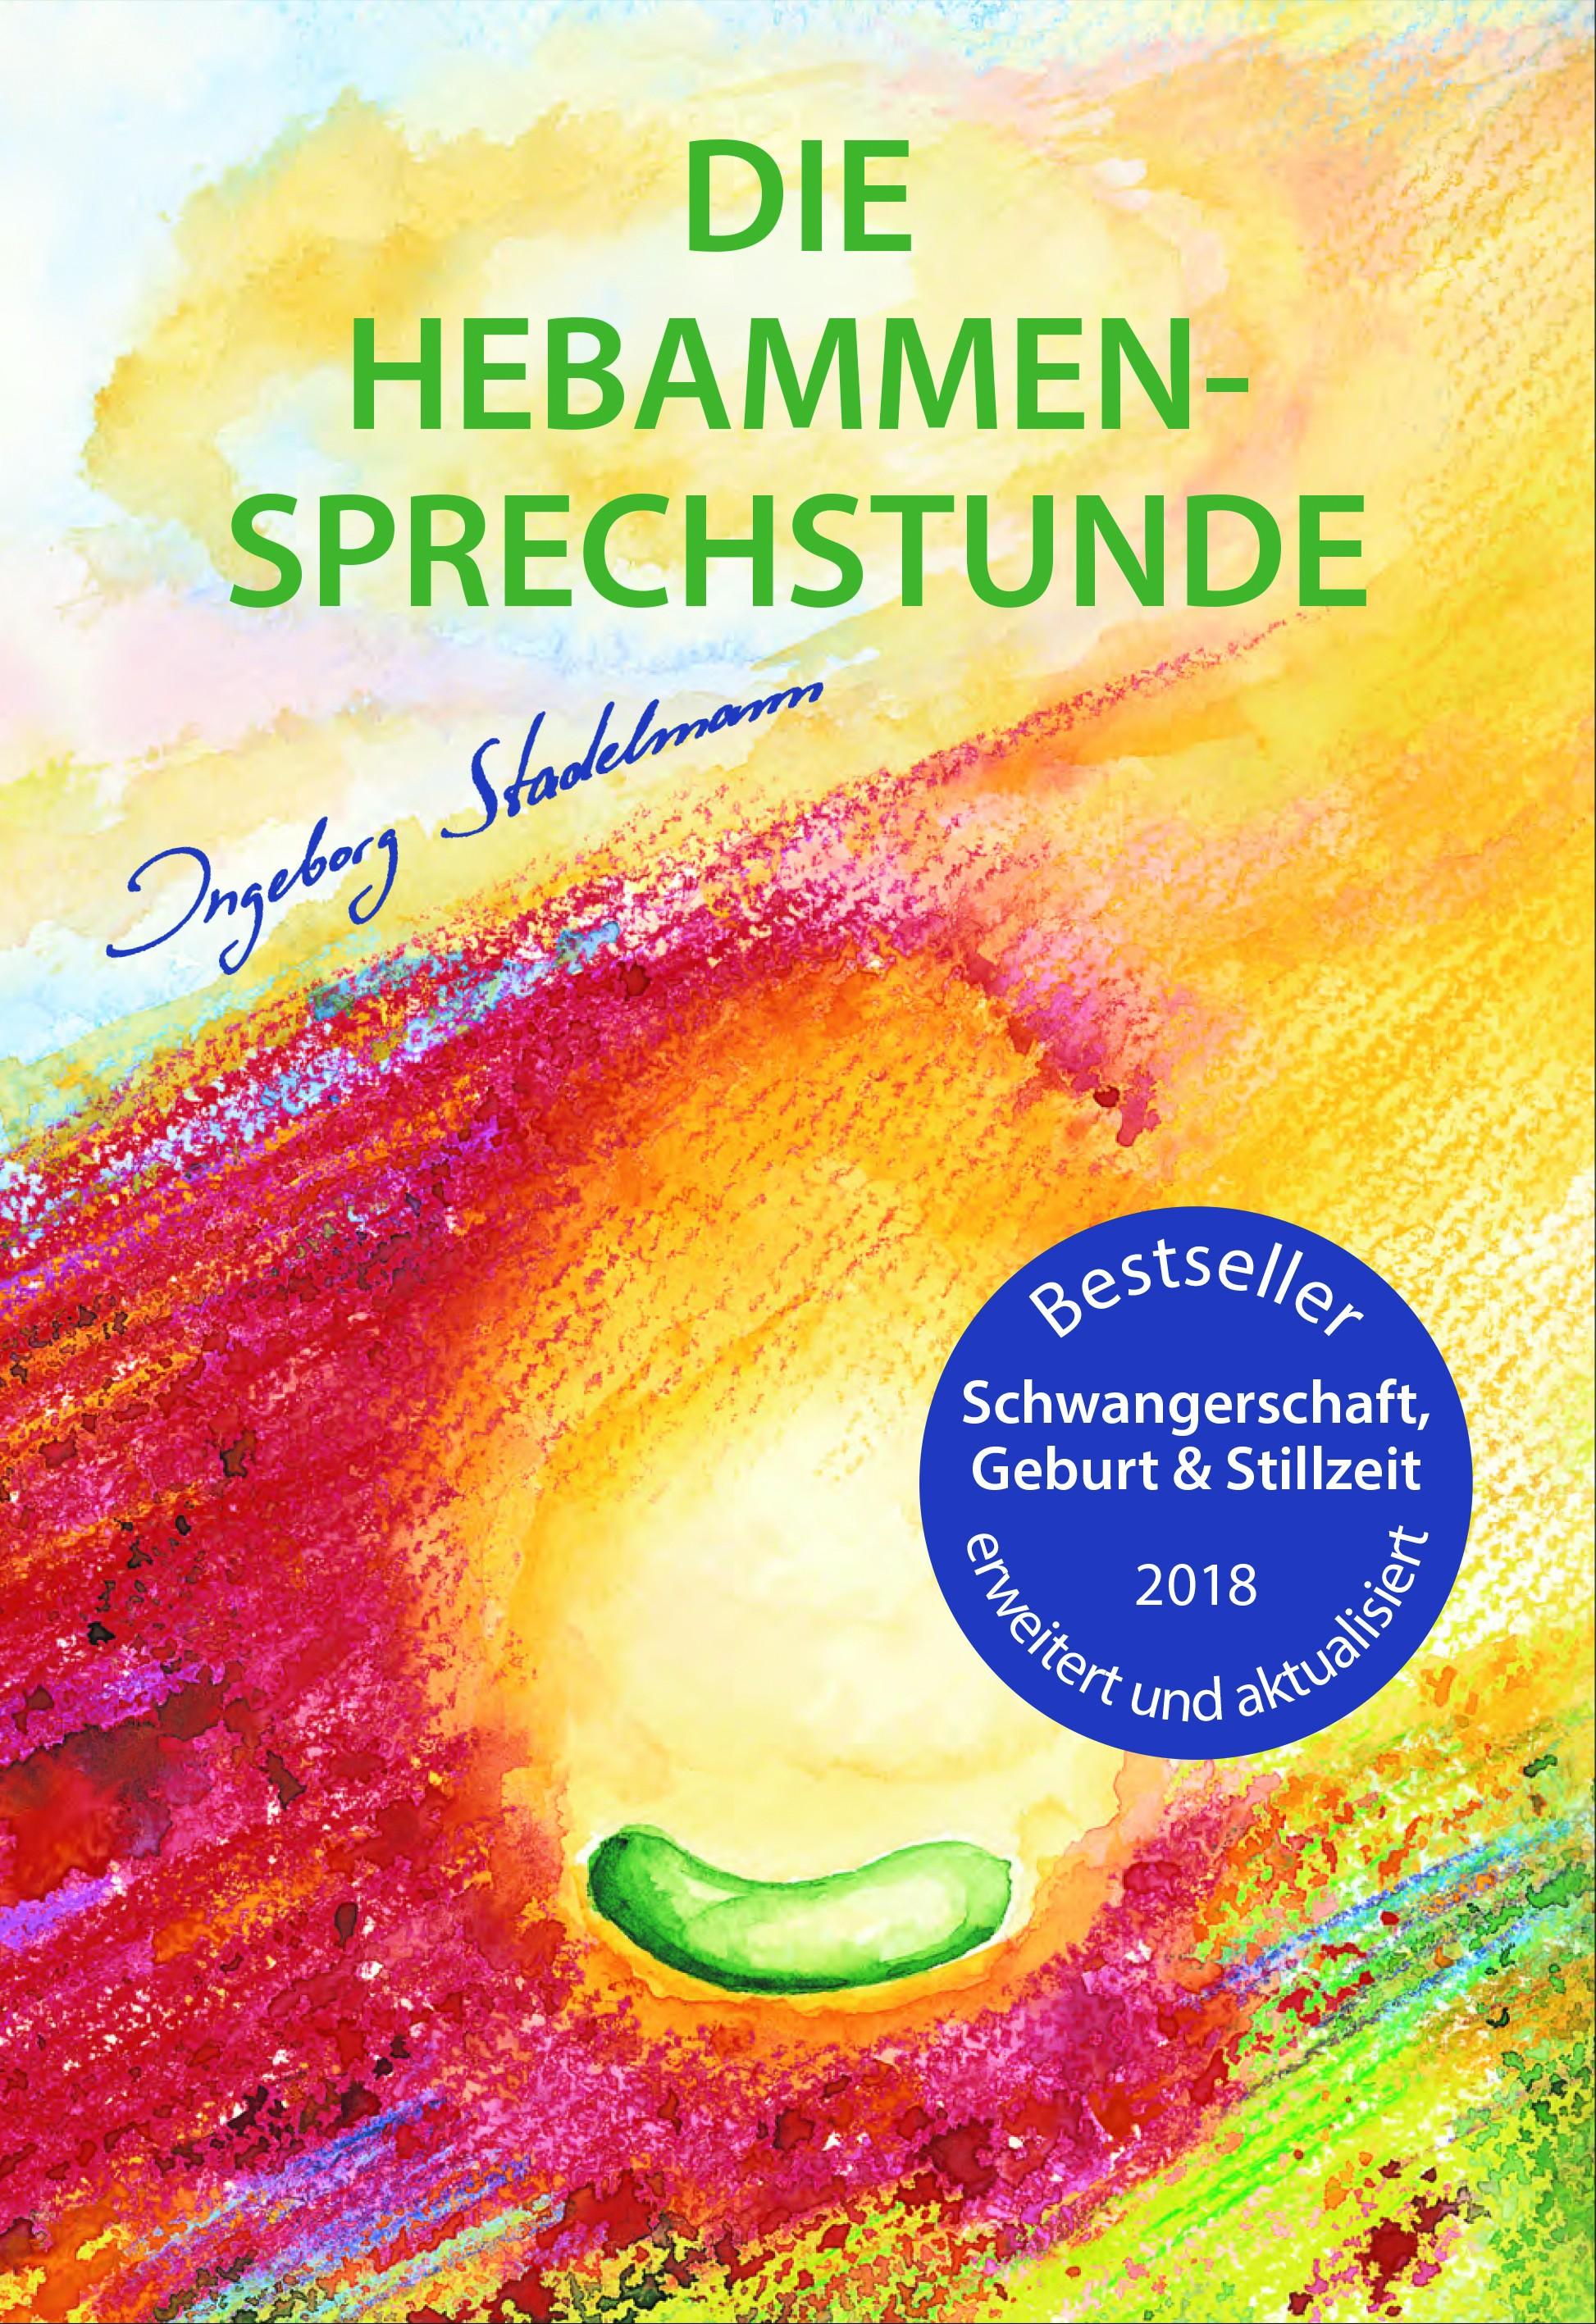 Die Hebammen Sprechstunde Ingeborg Stadelmann